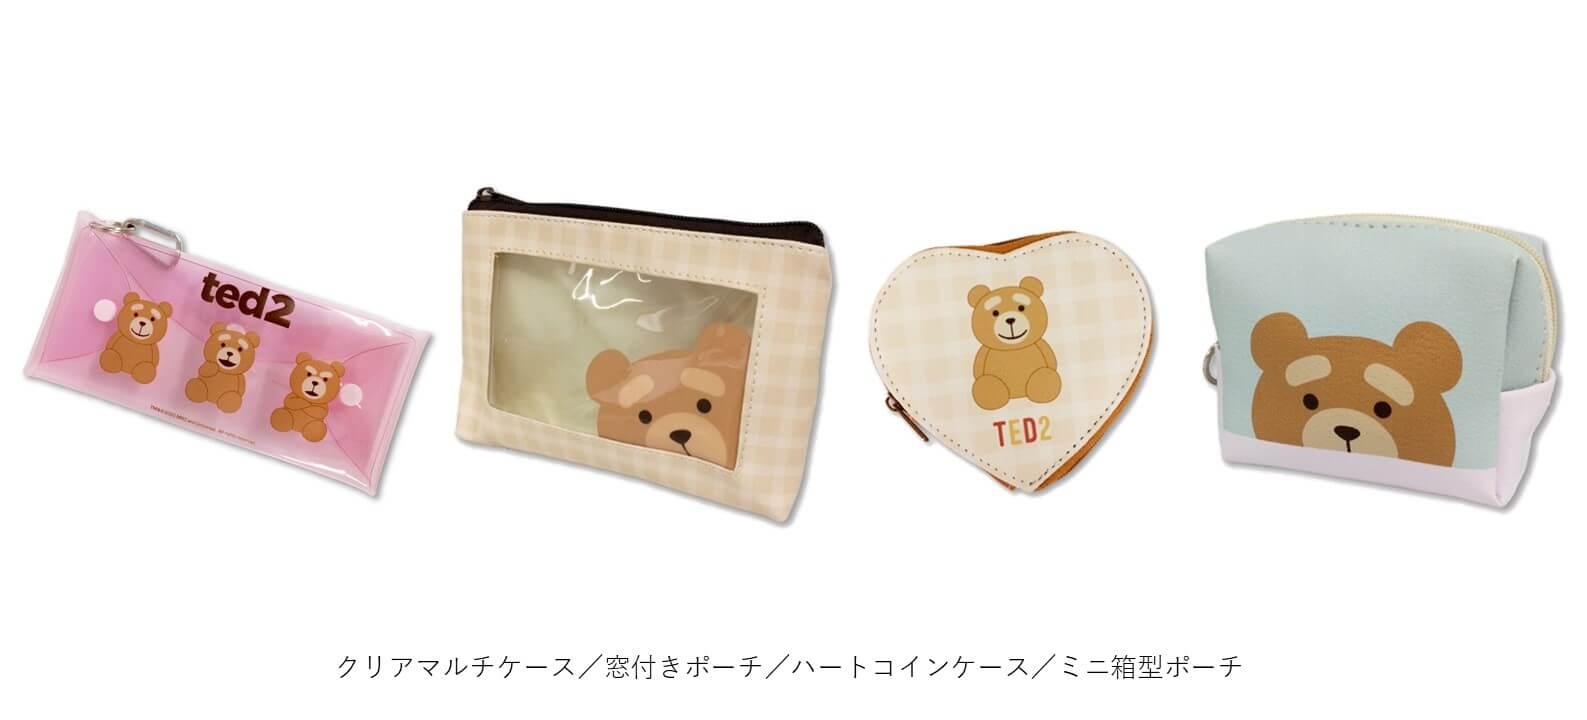 『サンキューマート×TED2』コラボグッズ-クリアマルチケース